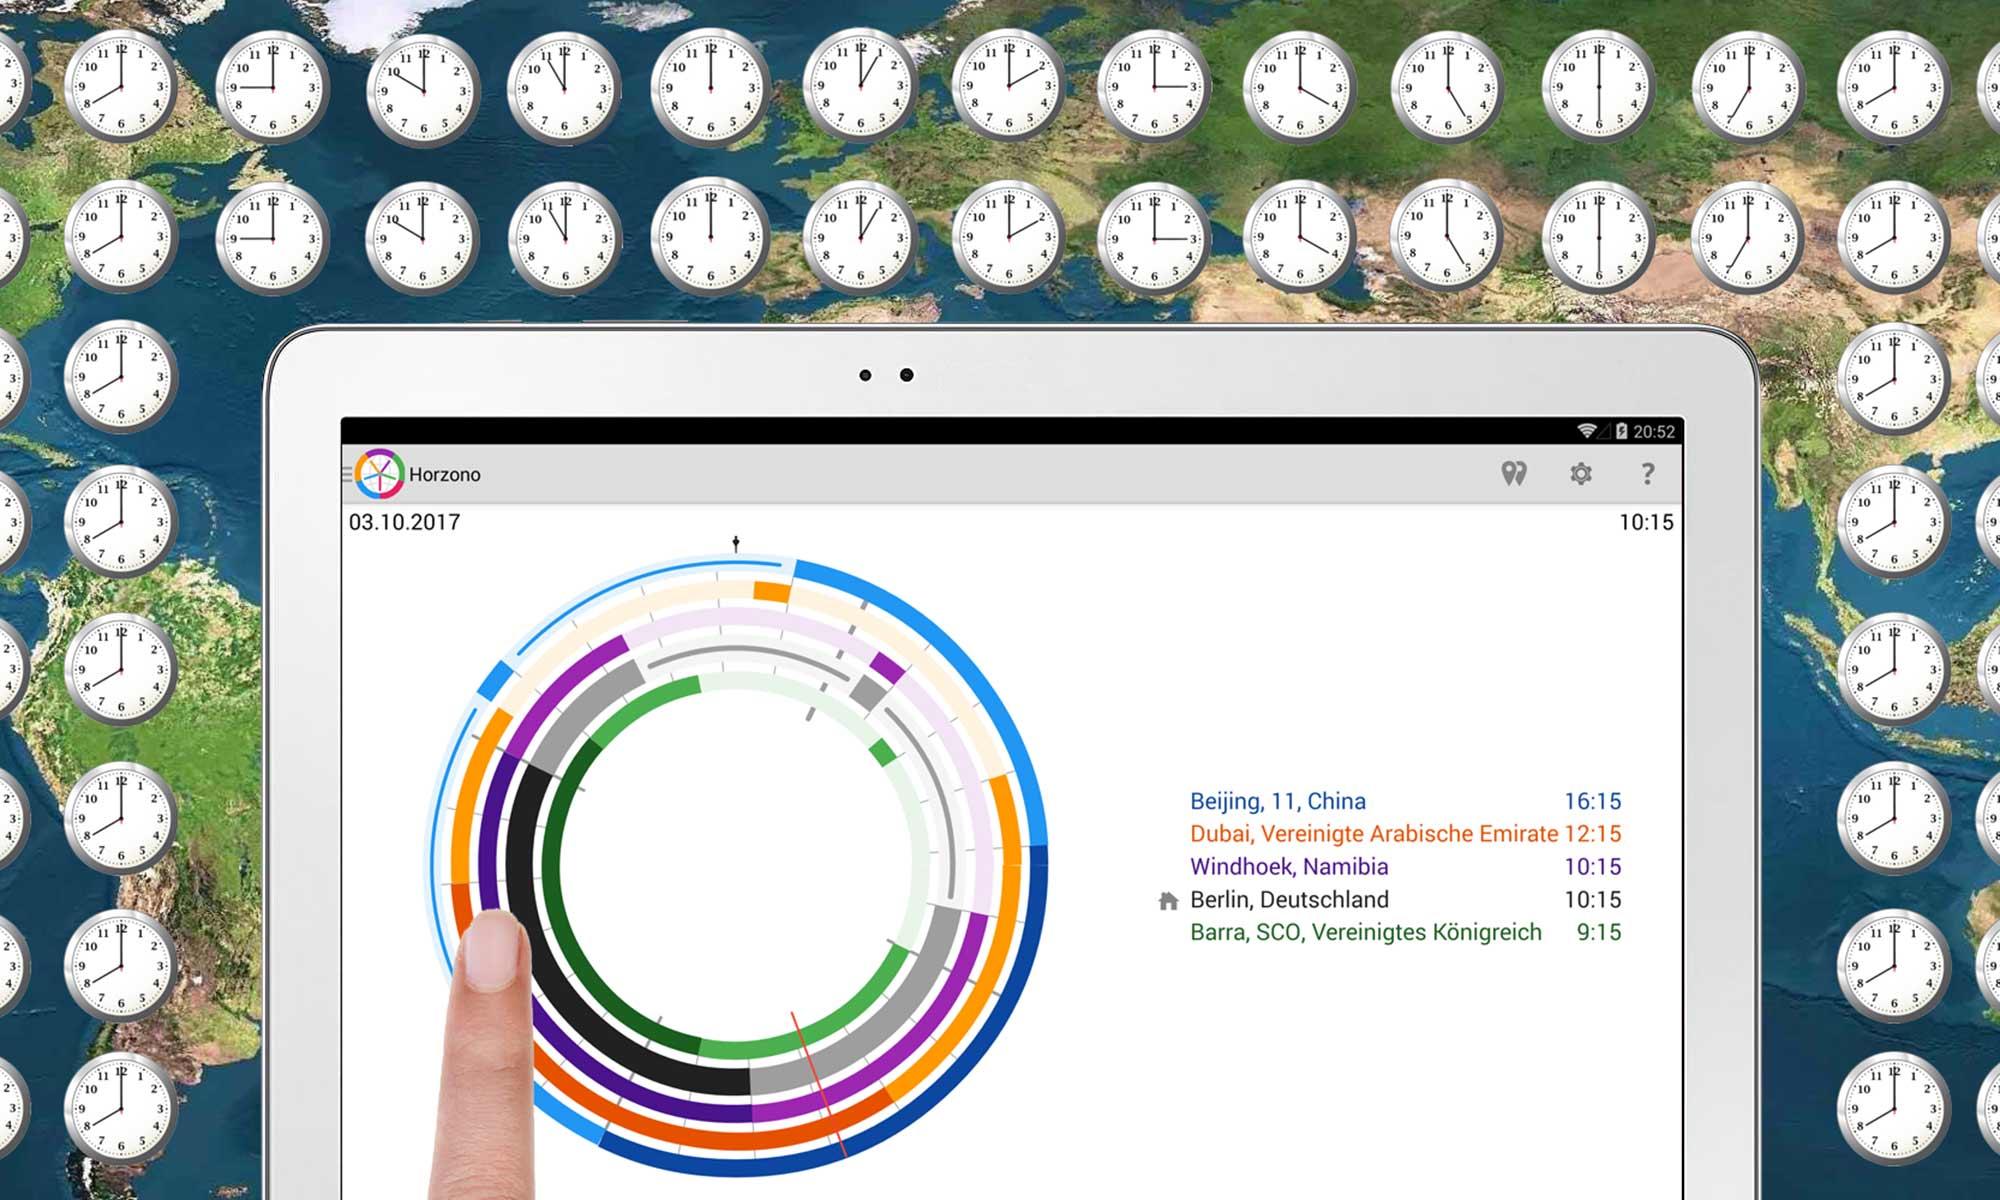 Beispiele für die visuelle Vergleich der Zeit an verschiedenen Orten auf der Welt, jede Stadt mit eigenen Zeitzone, mit der Horzono App von Prosults Studio